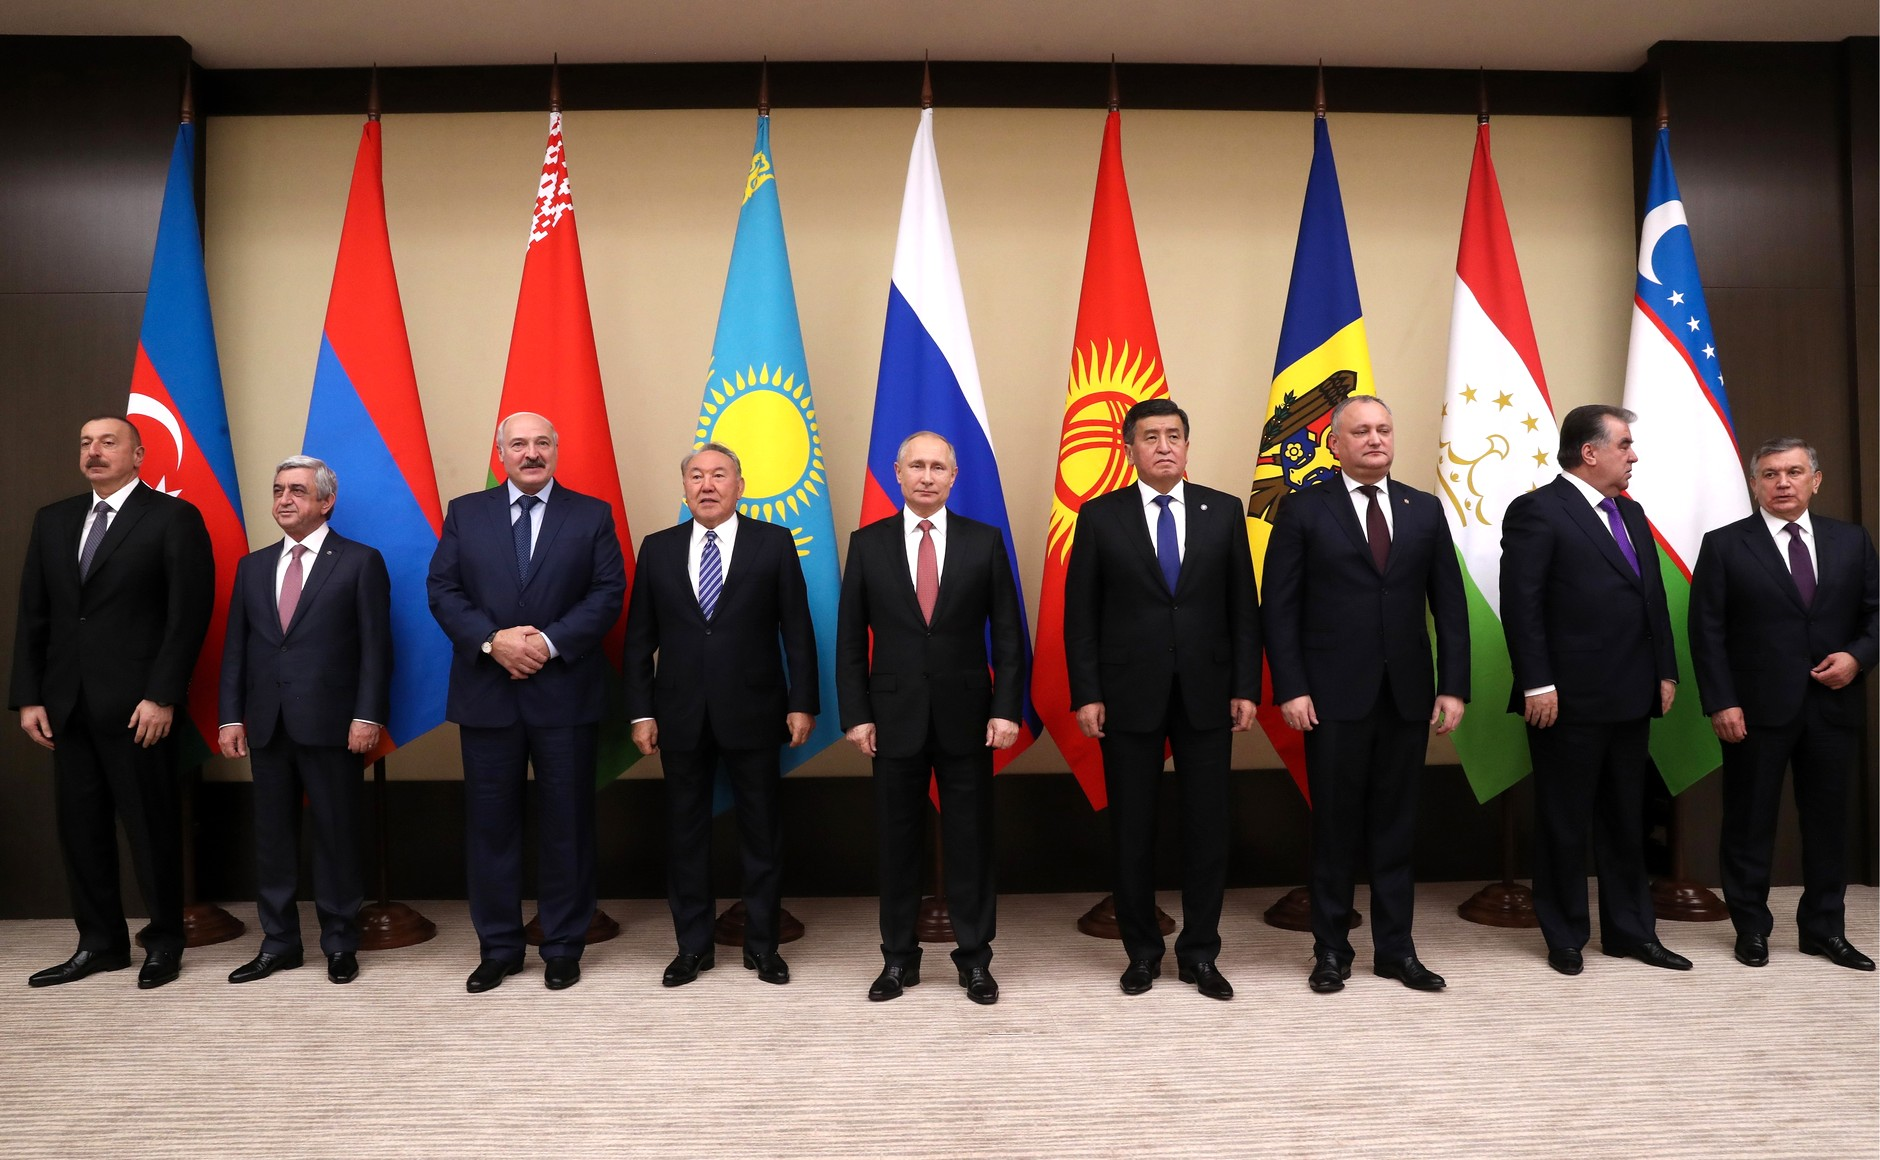 Страны члены снг казахстан кыргызстан